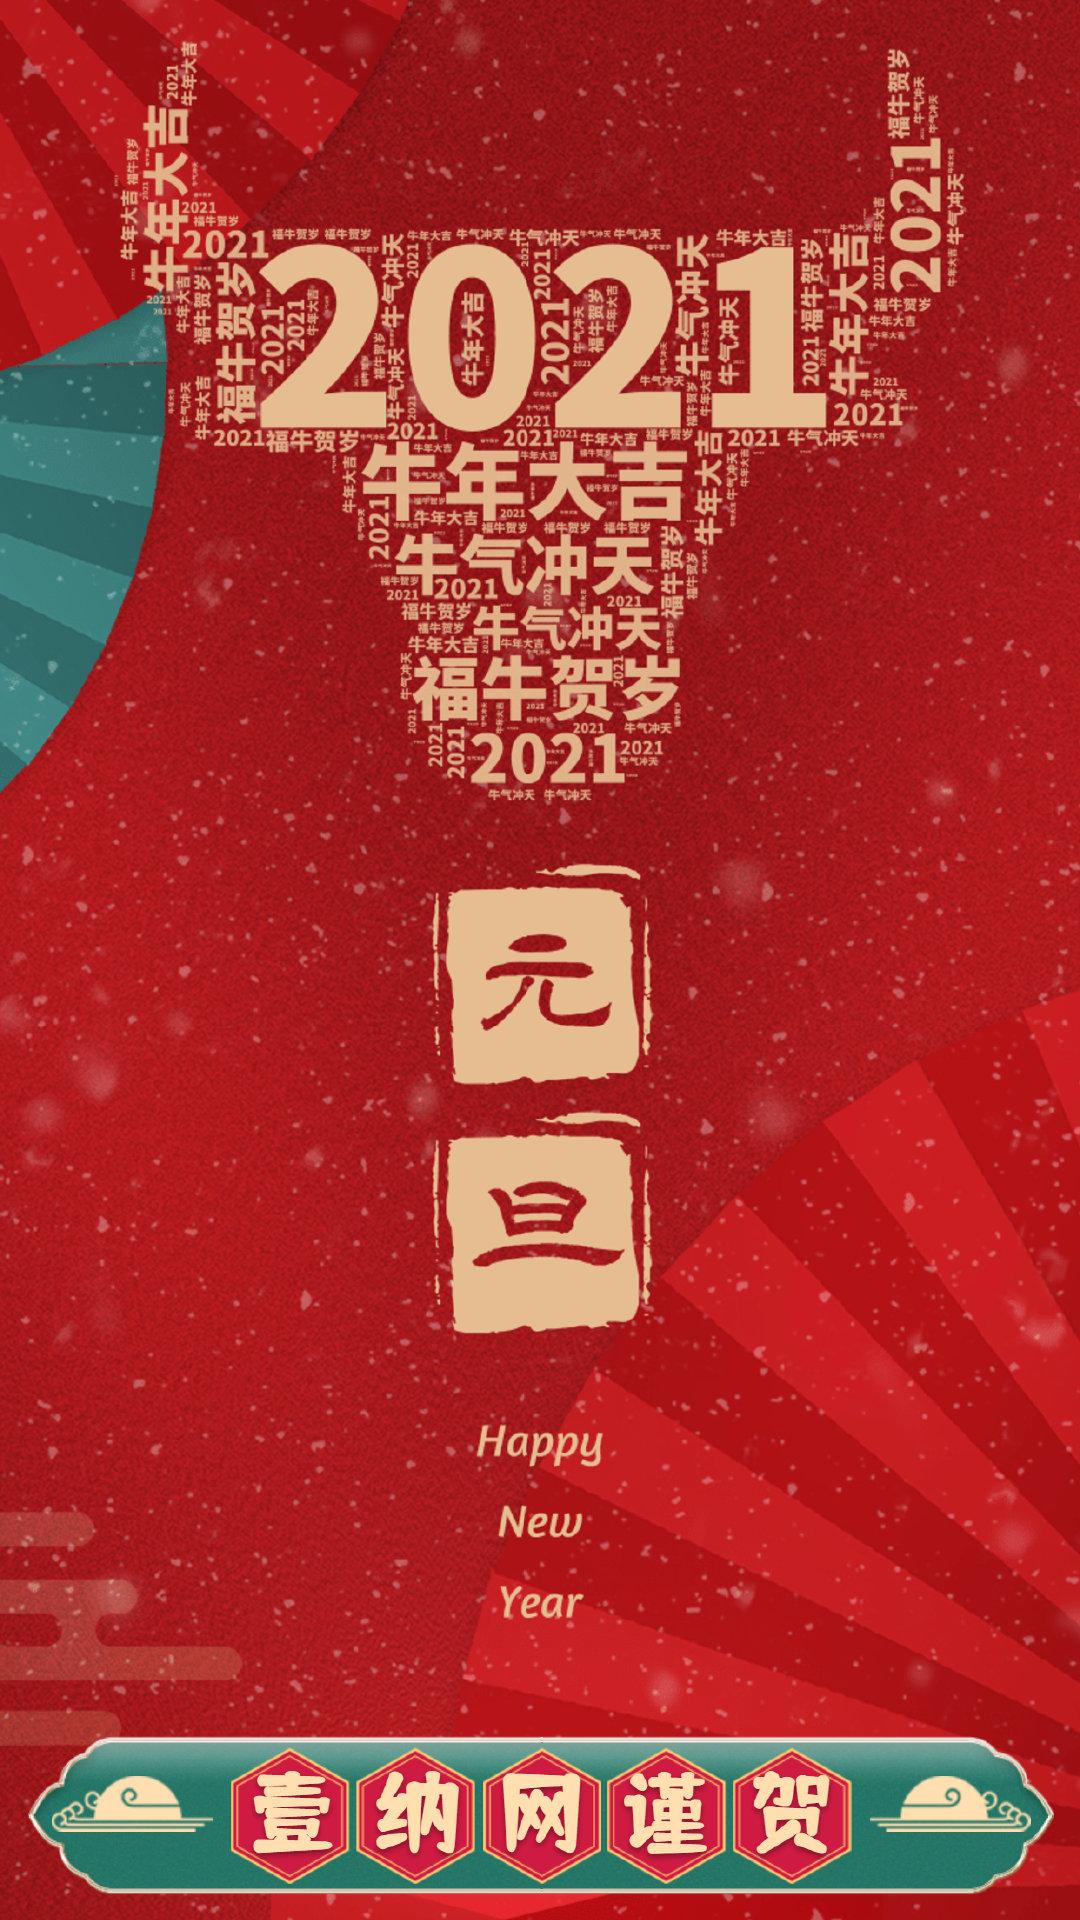 壹纳网恭祝全体网友元旦快乐!